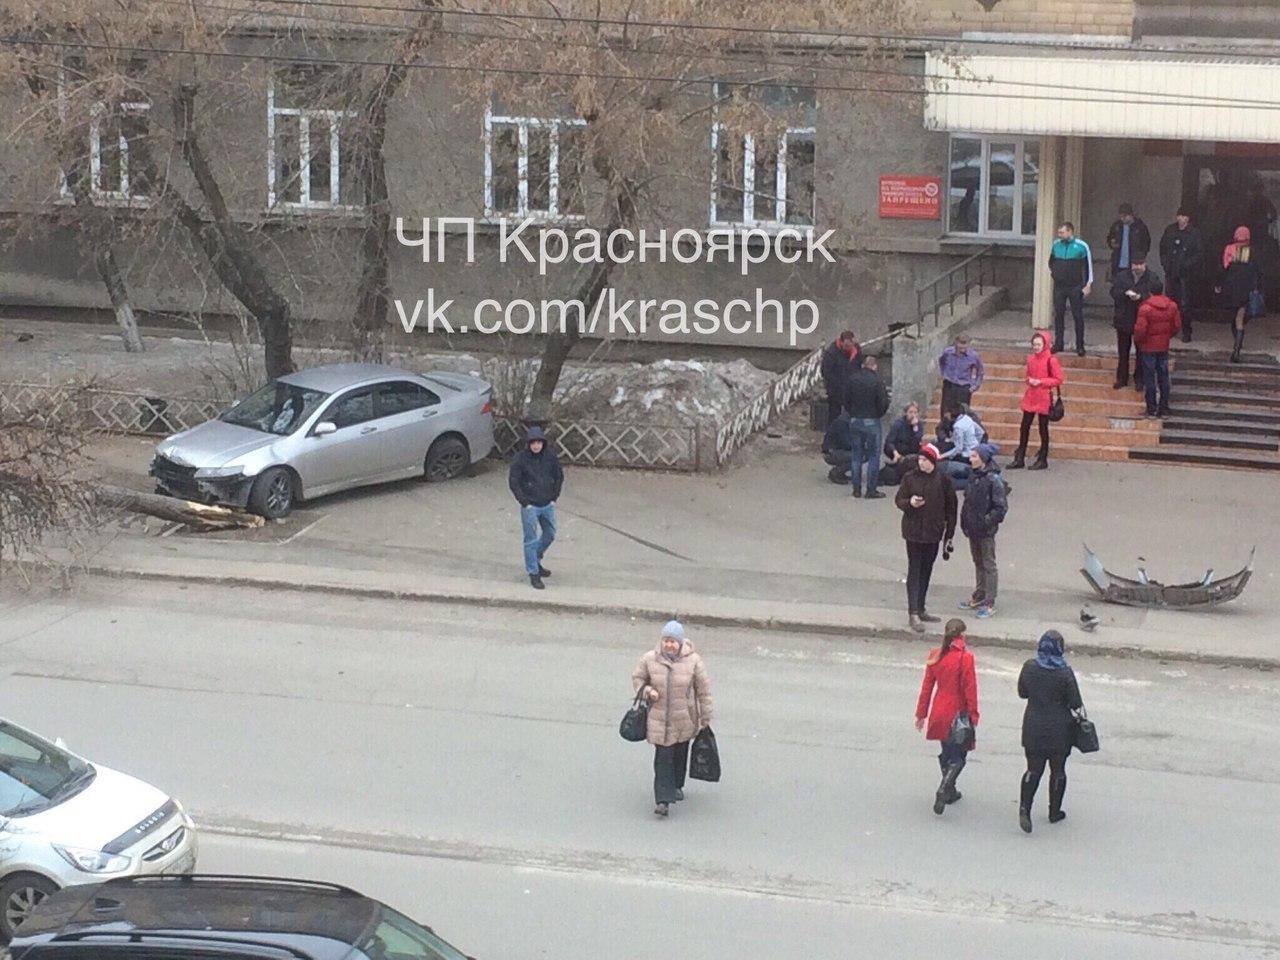 Вцентре Красноярска иностранная машина набольшой скорости вылетела напереход: необошлось без жертв